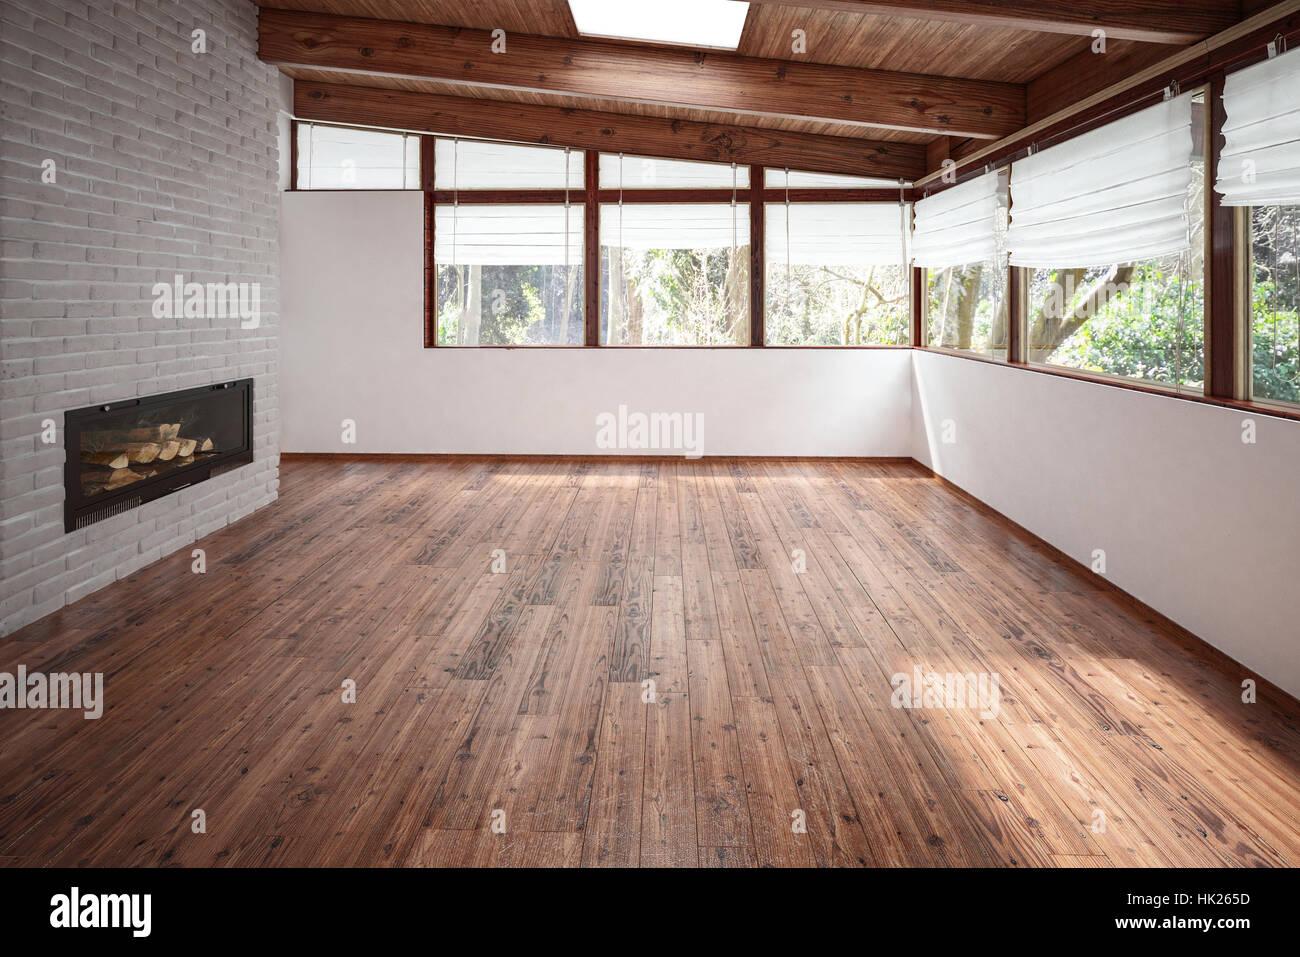 3d Fußboden Küche ~ Leere zimmer mit panoramafenster hölzernen fußboden und decke und